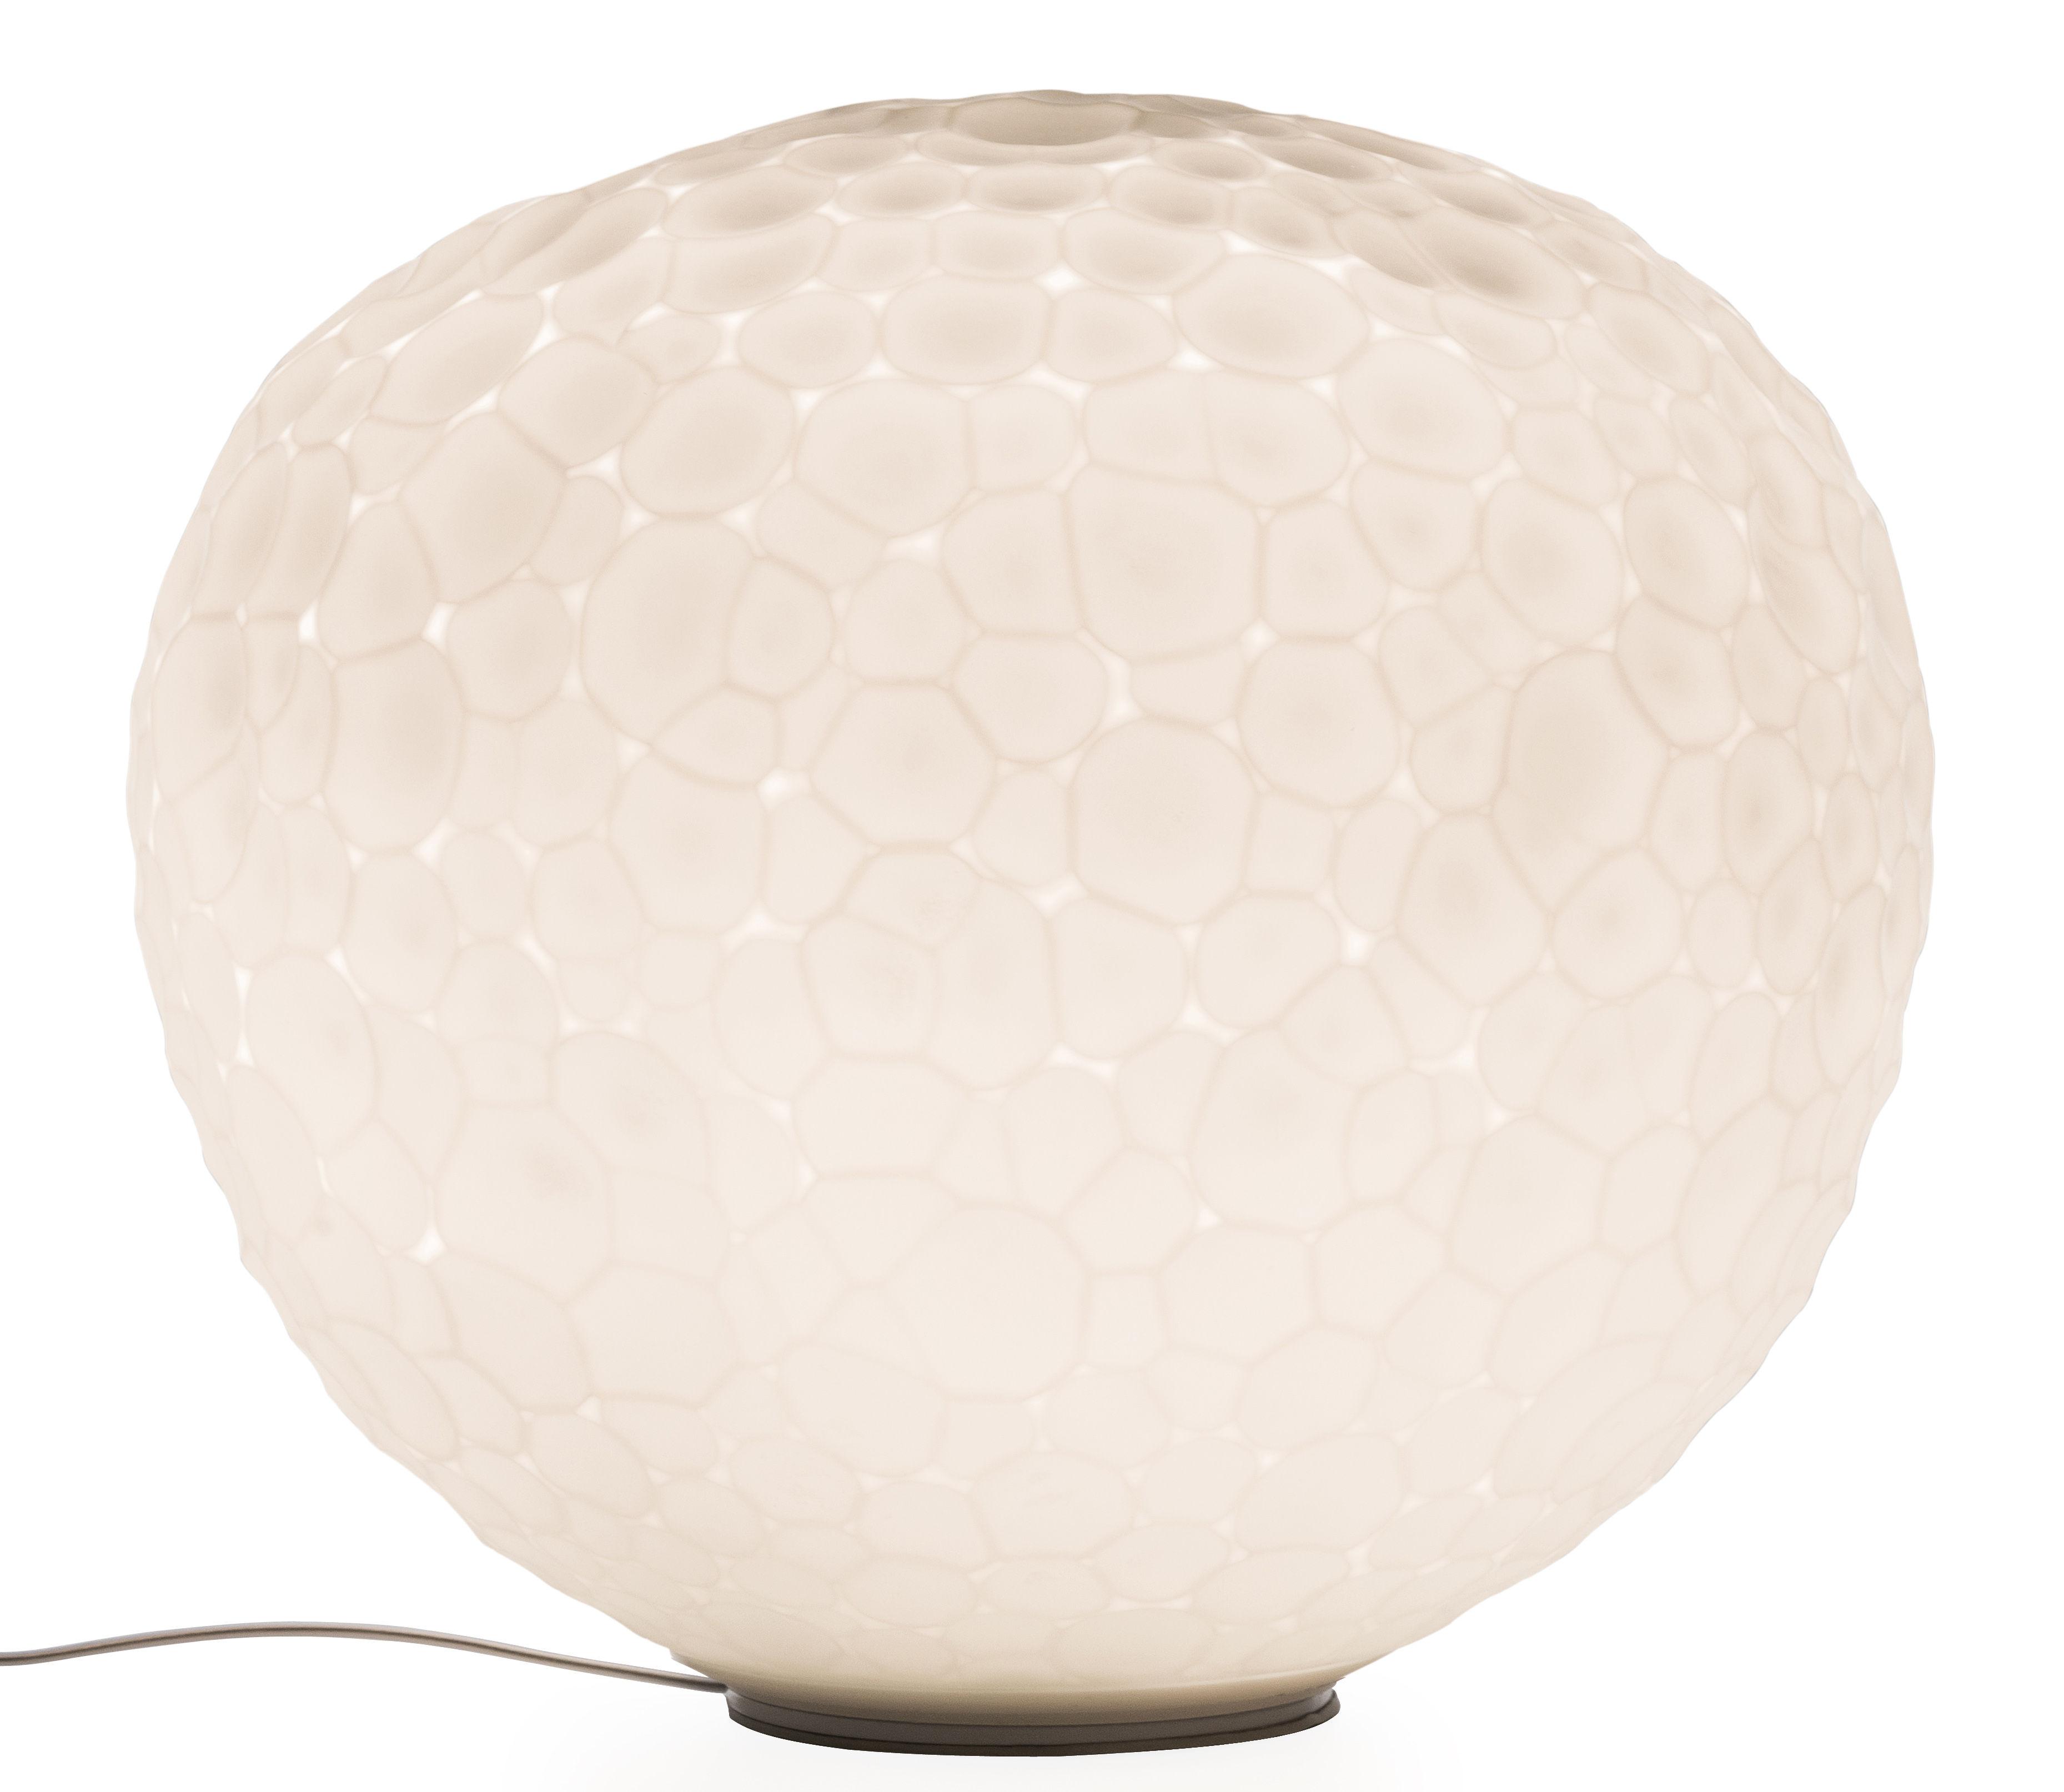 Luminaire - Lampes de table - Lampe de table Meteorite / Ø 35 cm - Artemide - Blanc - Verre soufflé